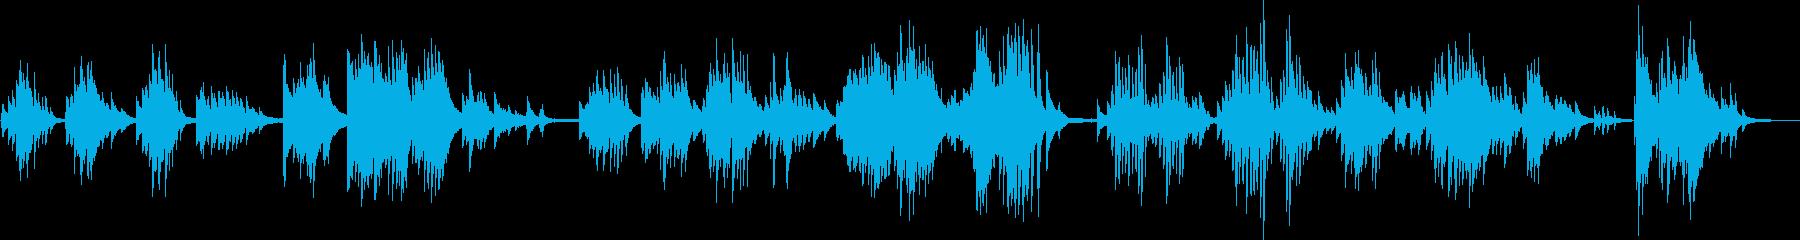 1匹狼のBGM(ピアノ・孤独・力強い)の再生済みの波形